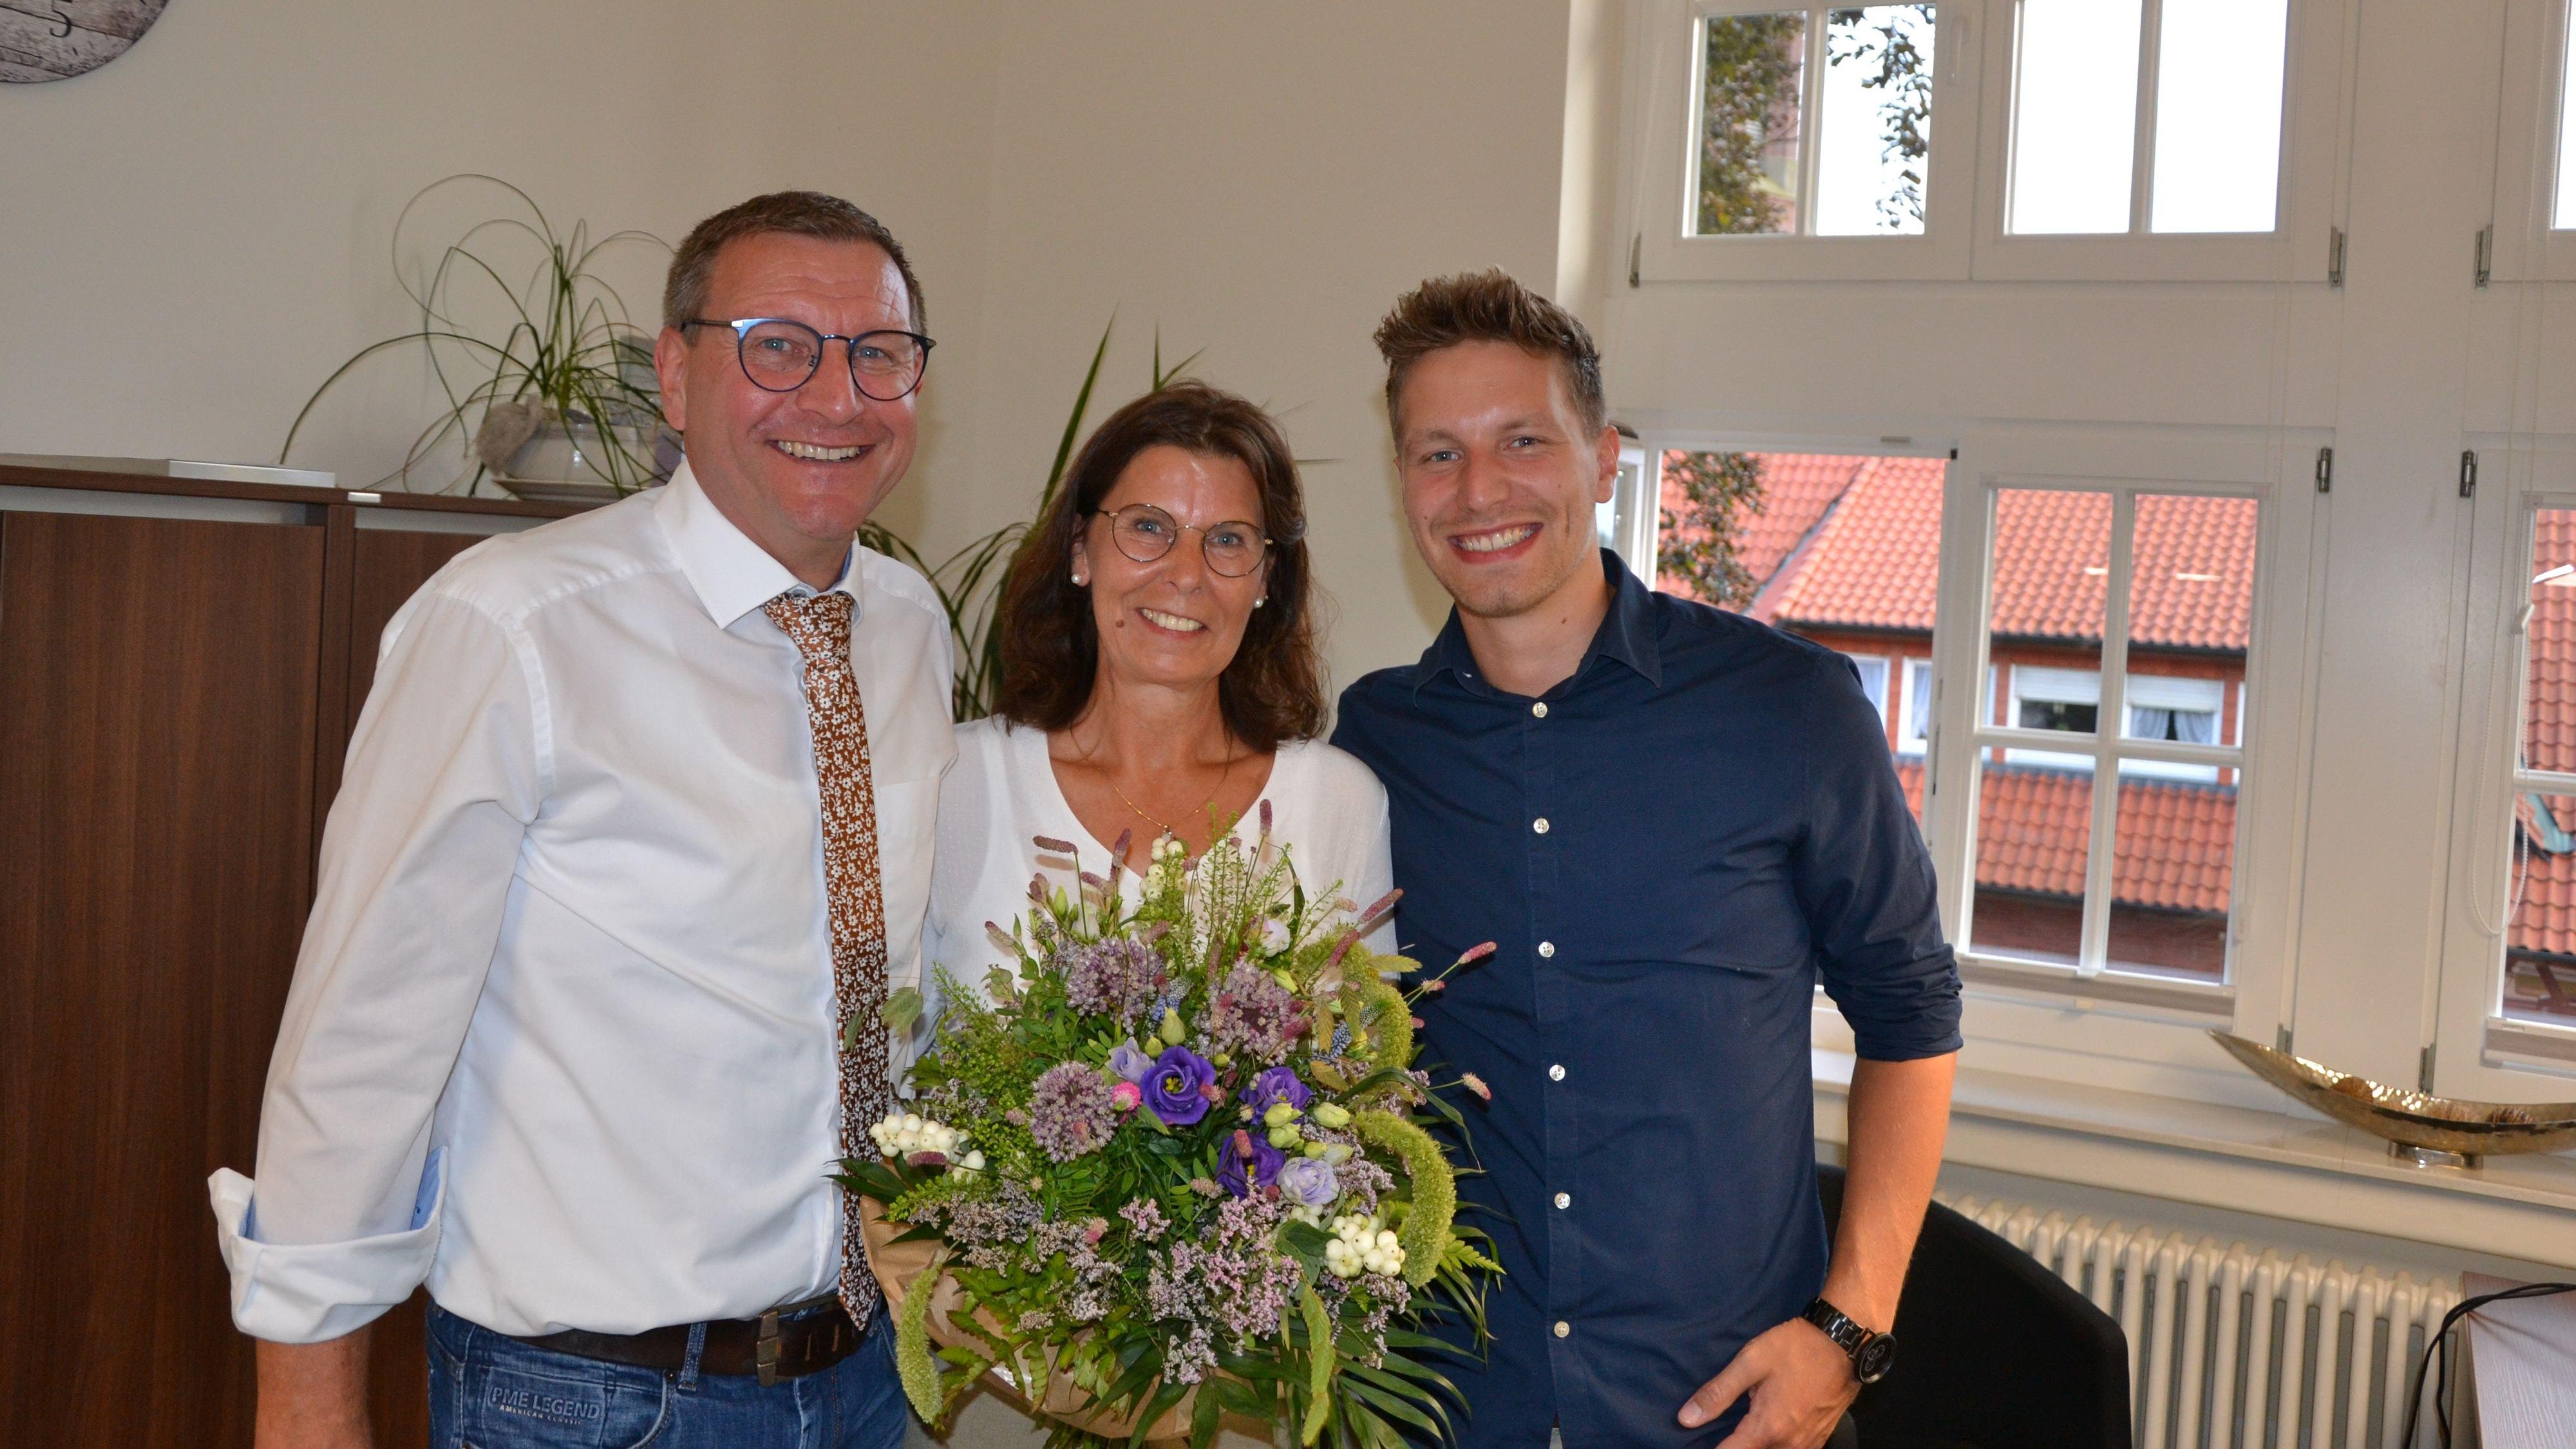 Wahlsieger: Heiner Kreßmann (links) nimmt die Gratulationen im Kreise der Familie, gemeinsam mit Ehefrau Britta und Sohn Max entgegen. Foto: G. Meyer